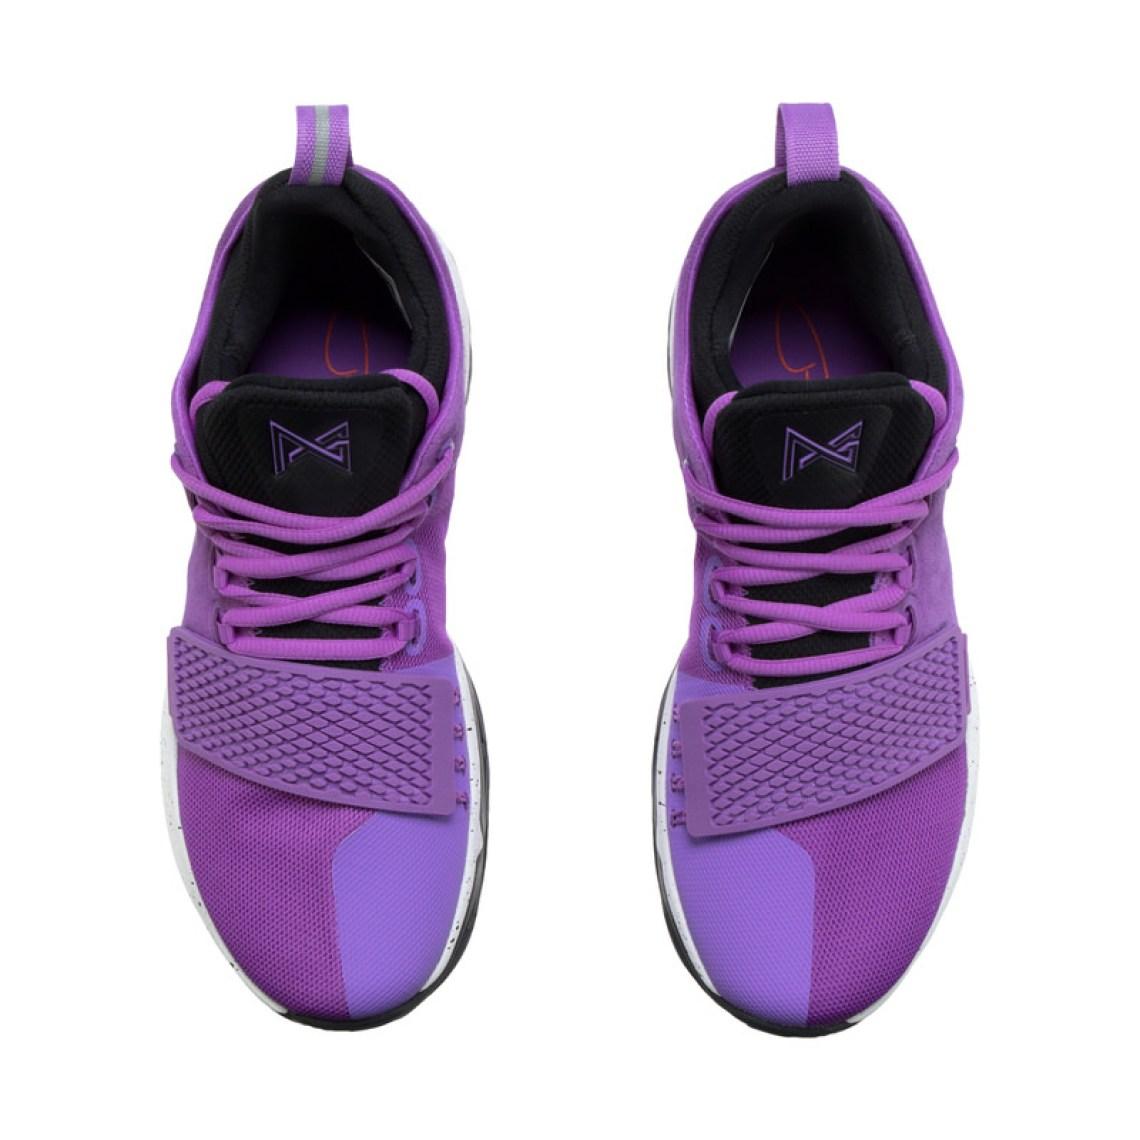 6c5ef1adcaf8 Nike PG1